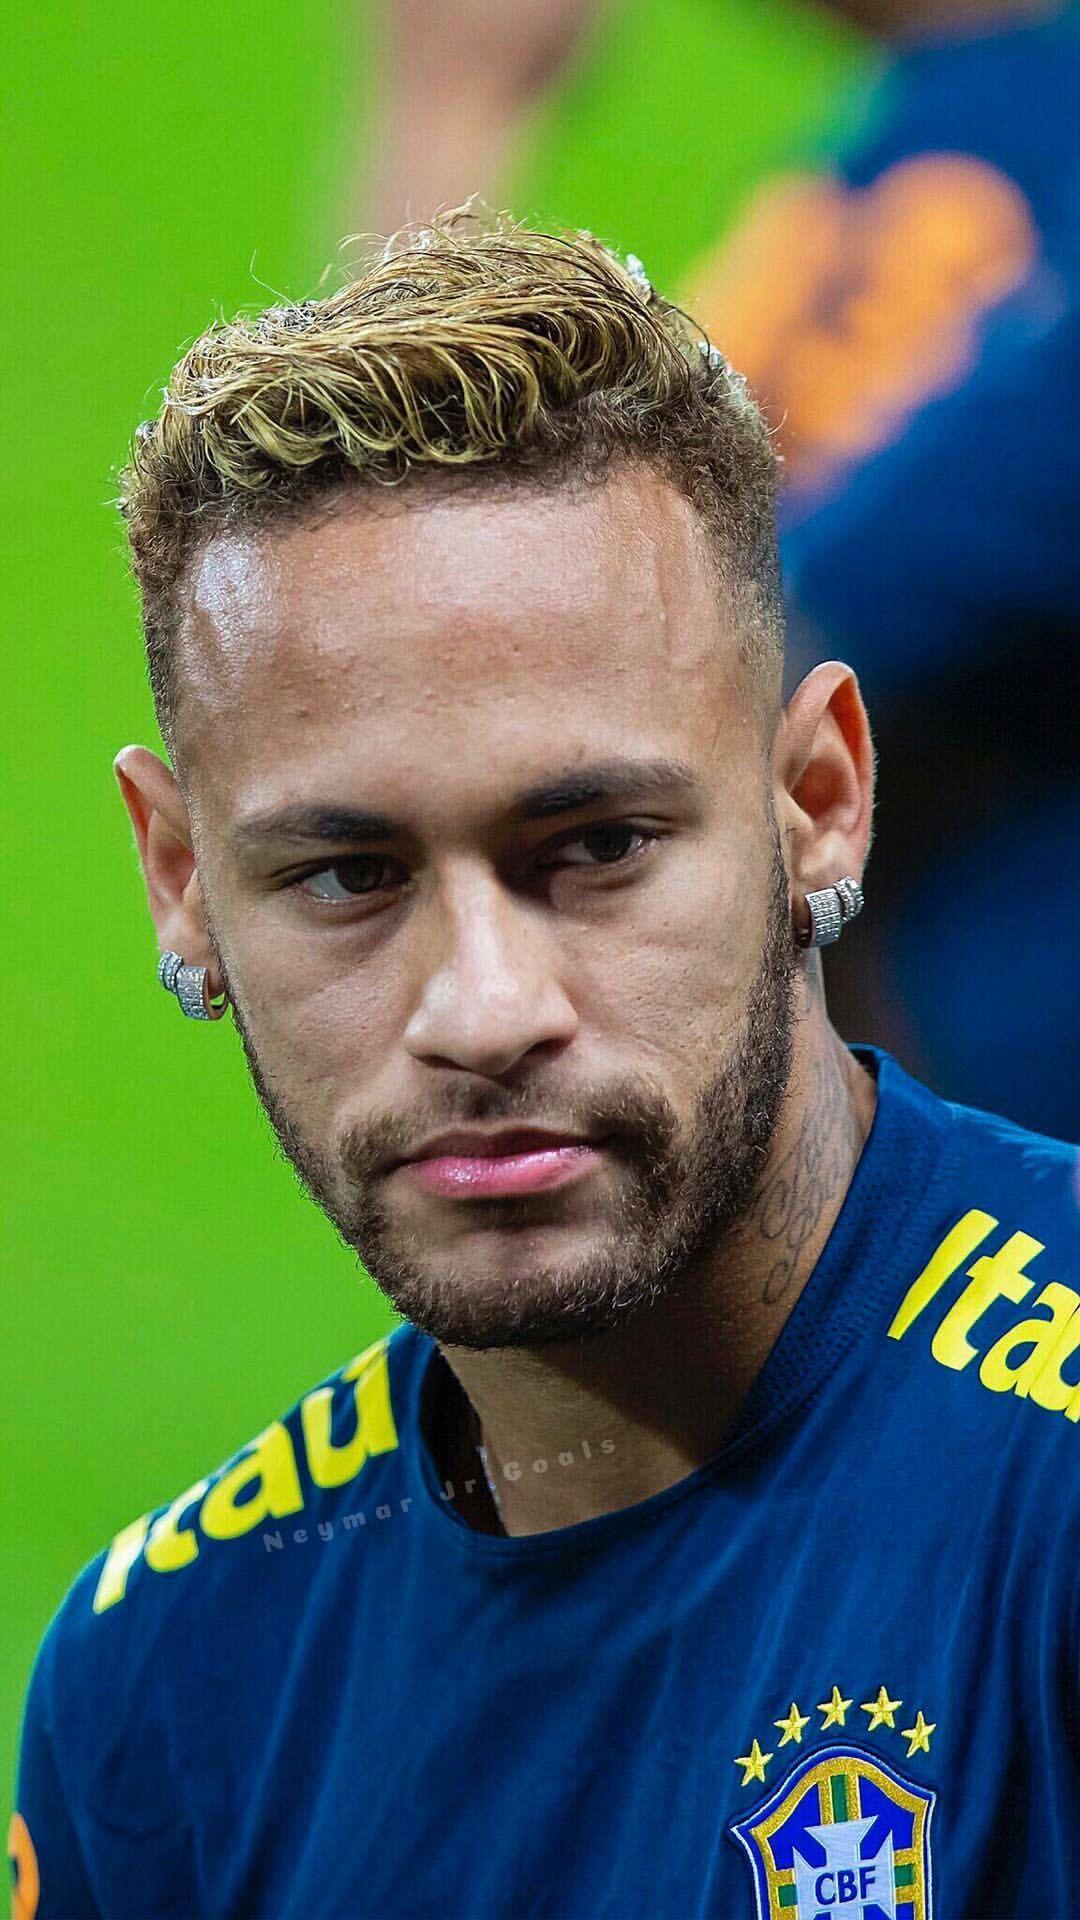 Pin By Hoang Chau On Neymar Jr Neymar Neymar Jr Fifa Neymar Jr Neymar Jr Hairstyle Neymar